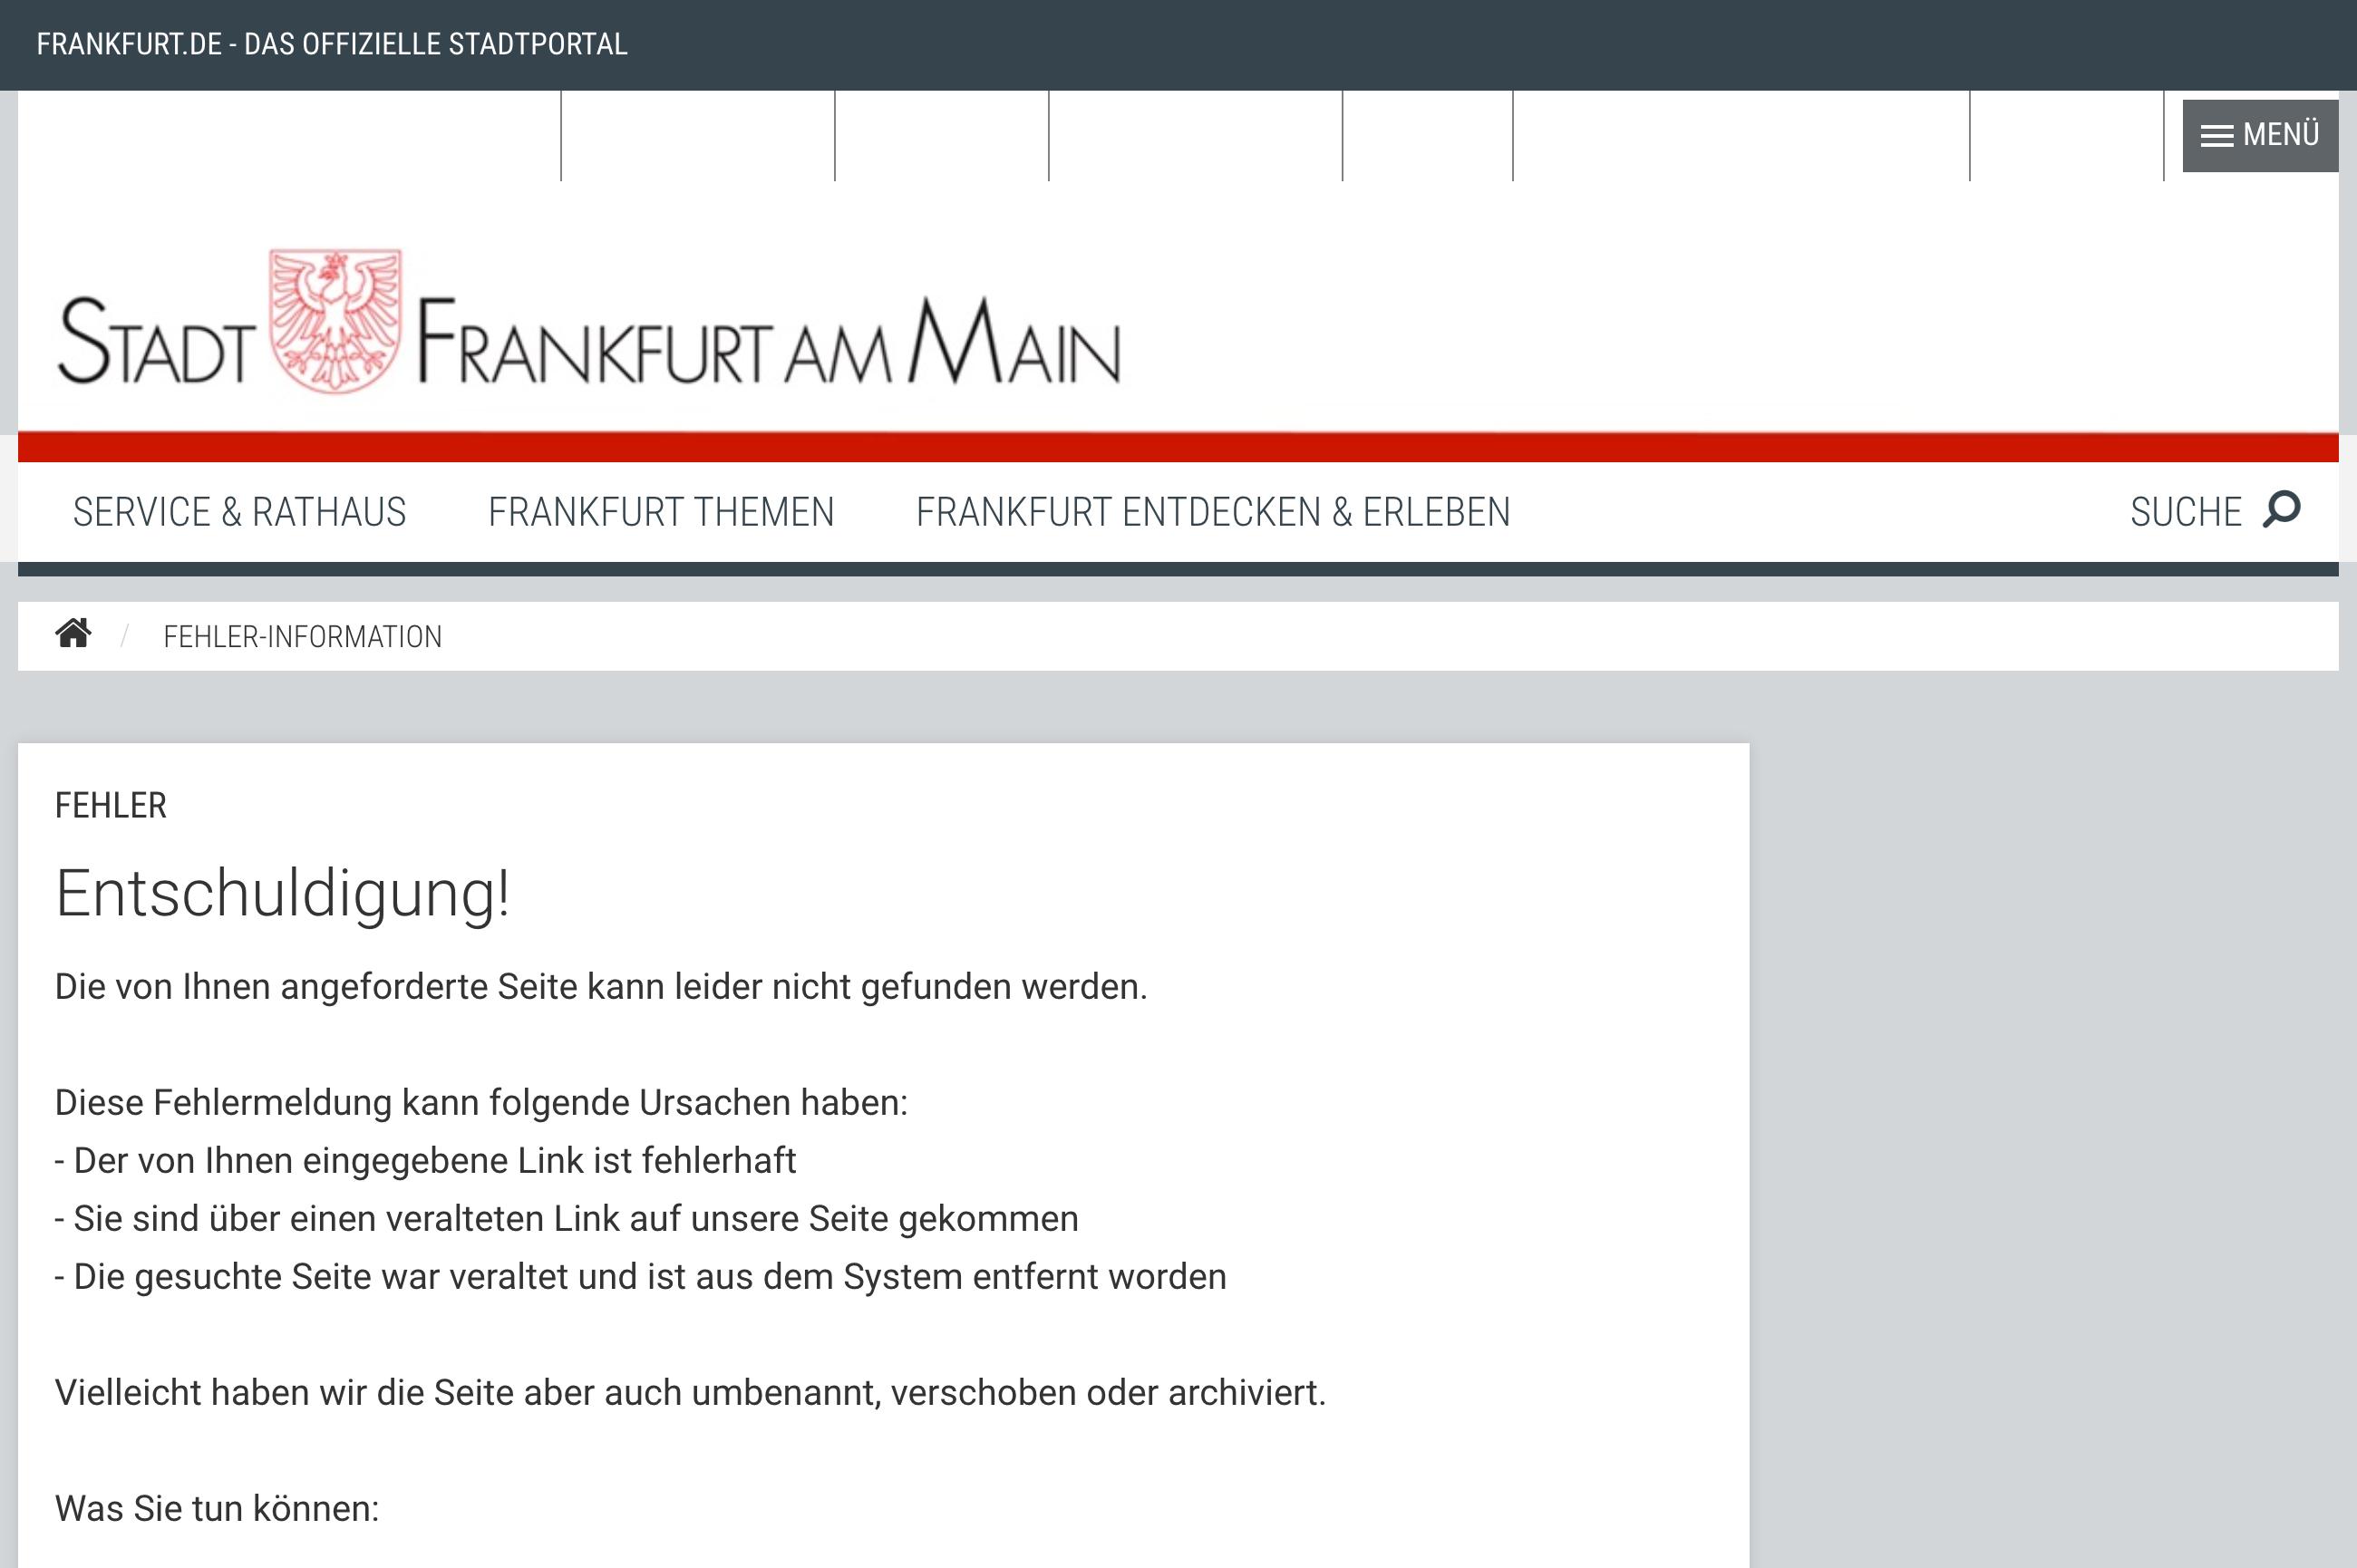 """Auf der URL https://frankfurt.de/sixcms/detail.php?id=2767 befand sich vor dem Umzug die Seite zum Thema """"Magistrat"""". Jetzt gibt die Seite einen Status Code 404, Seite nicht gefunden, zurück."""